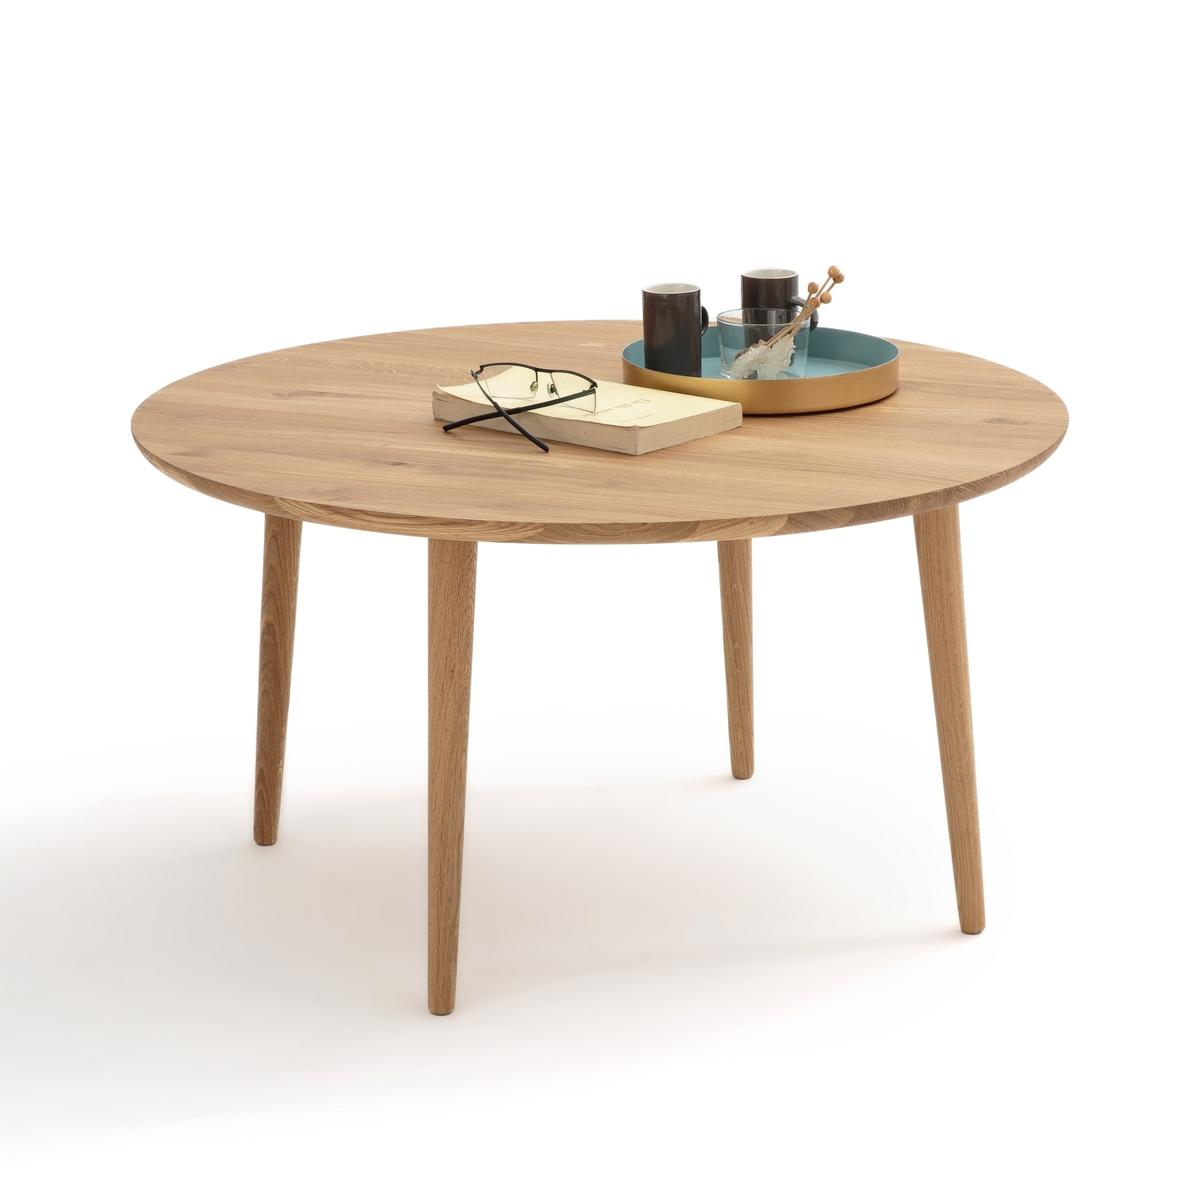 Столик LaRedoute Журнальный круглый из массива дуба CRUESO единый размер каштановый столик laredoute журнальный из дуба покрытого олифой adelita единый размер каштановый